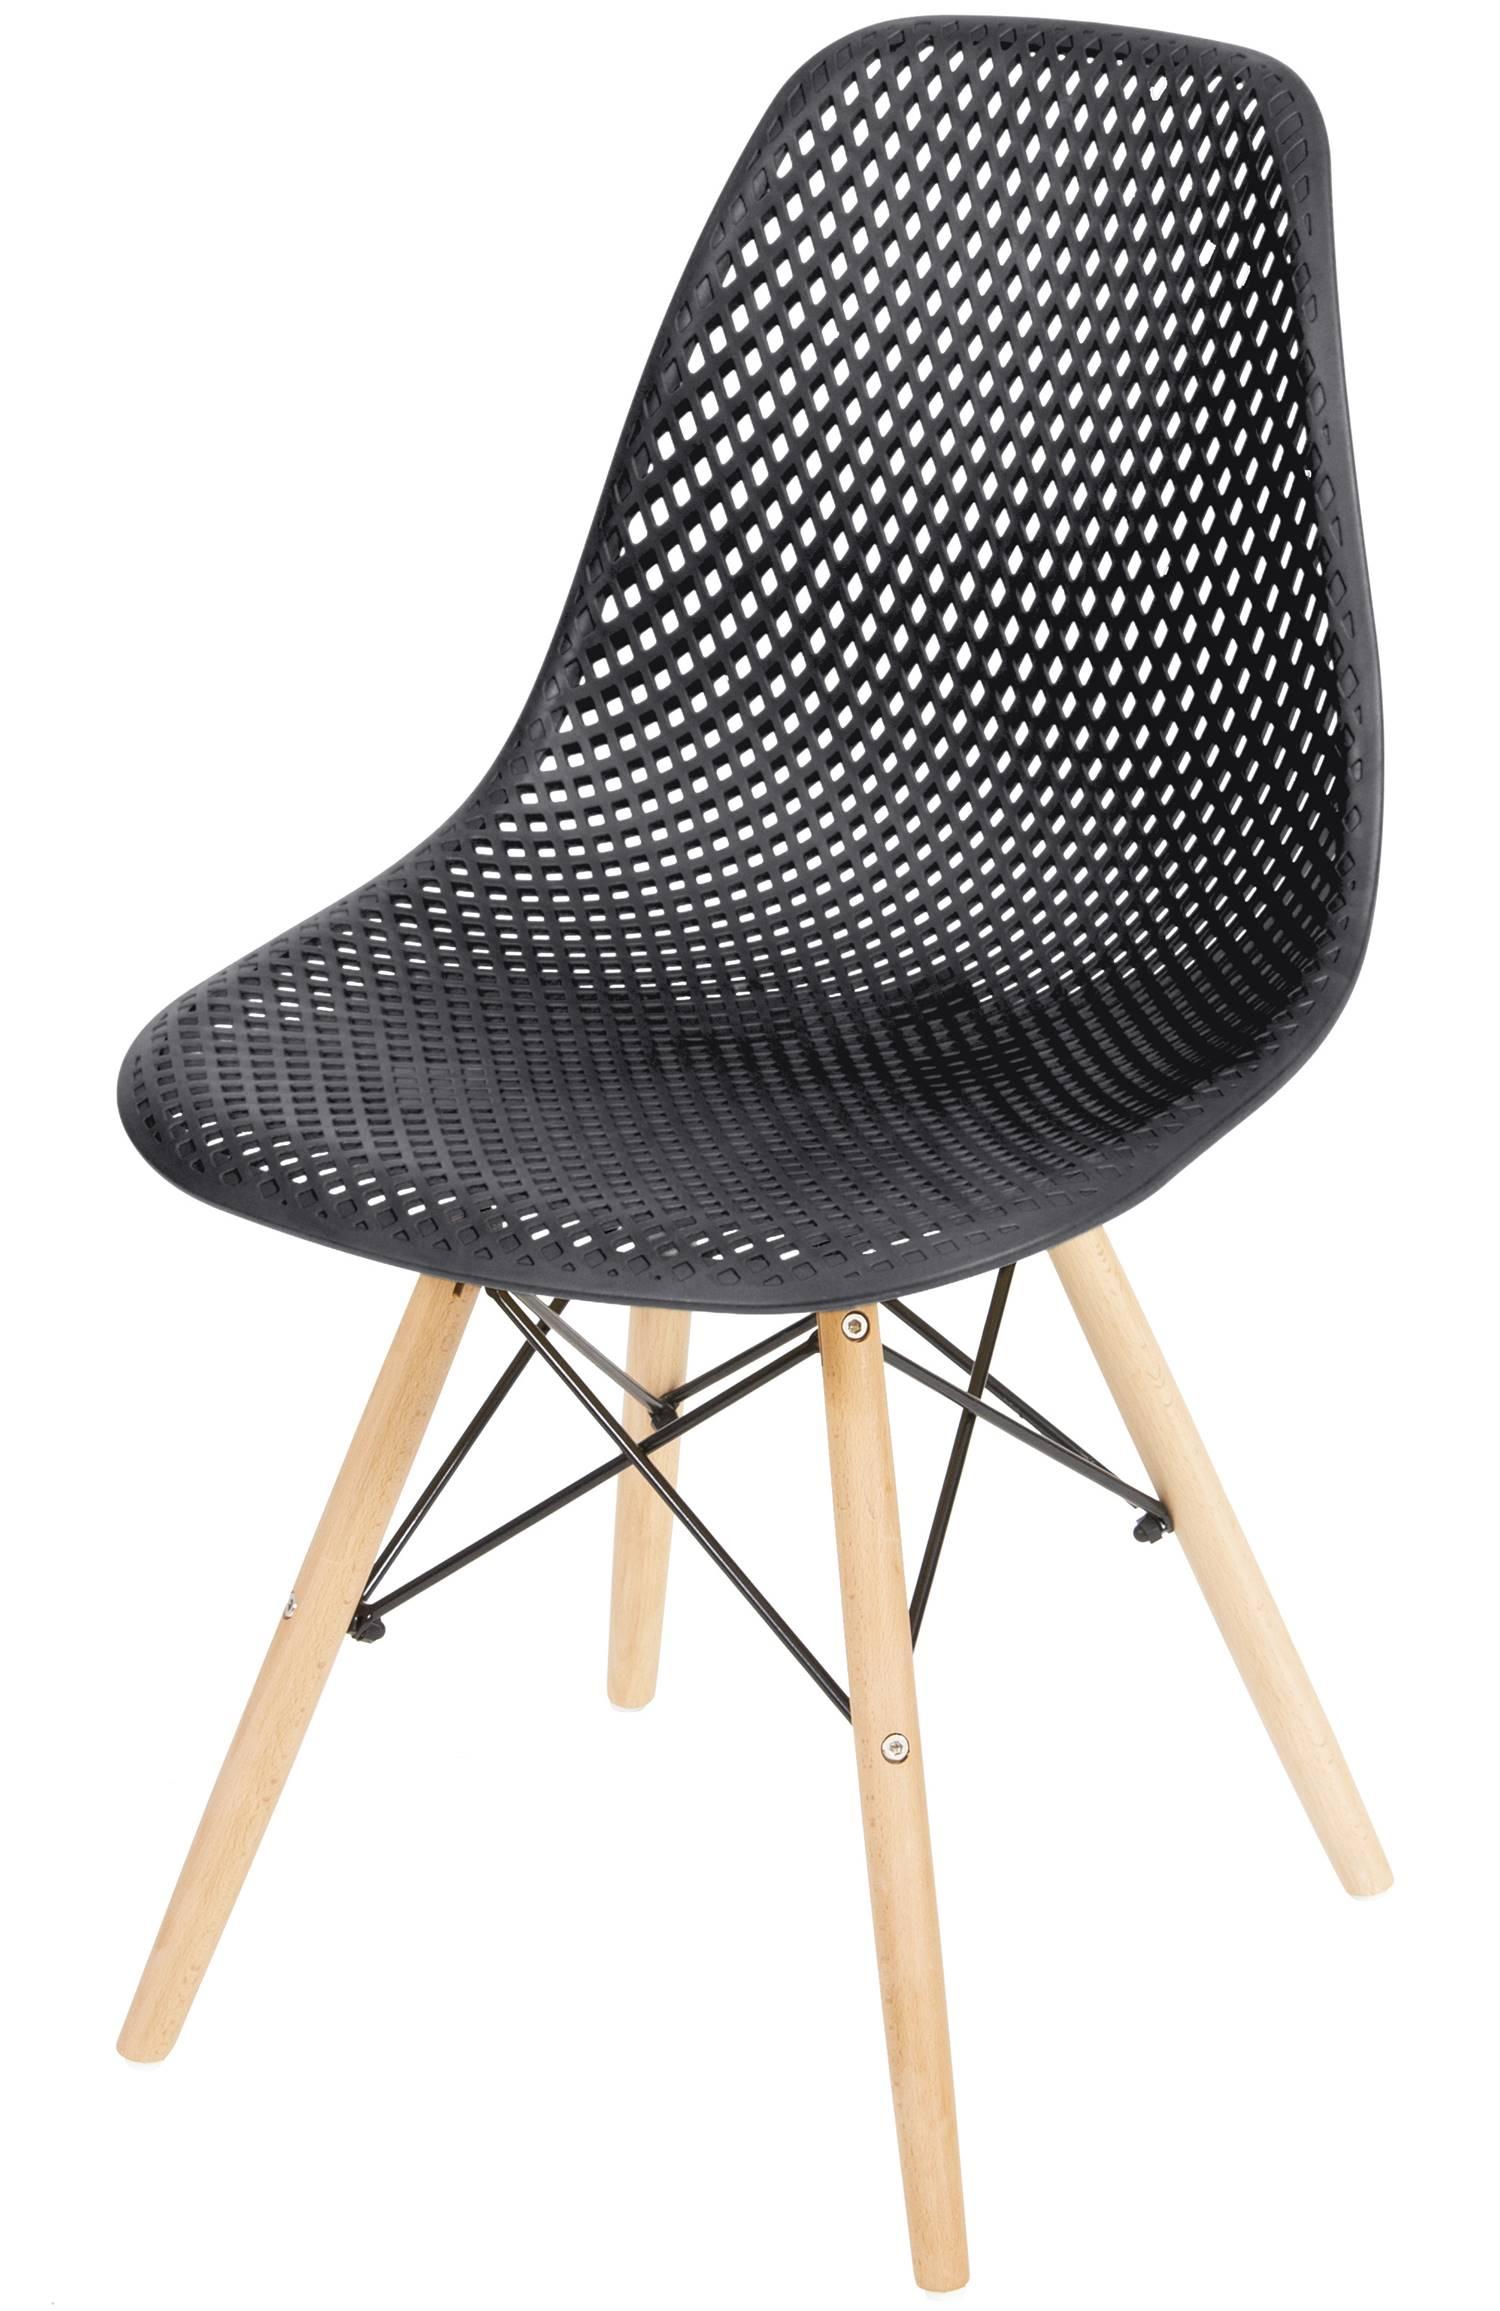 Cadeira Eames Furadinha cor Preta com Base Madeira - 50004